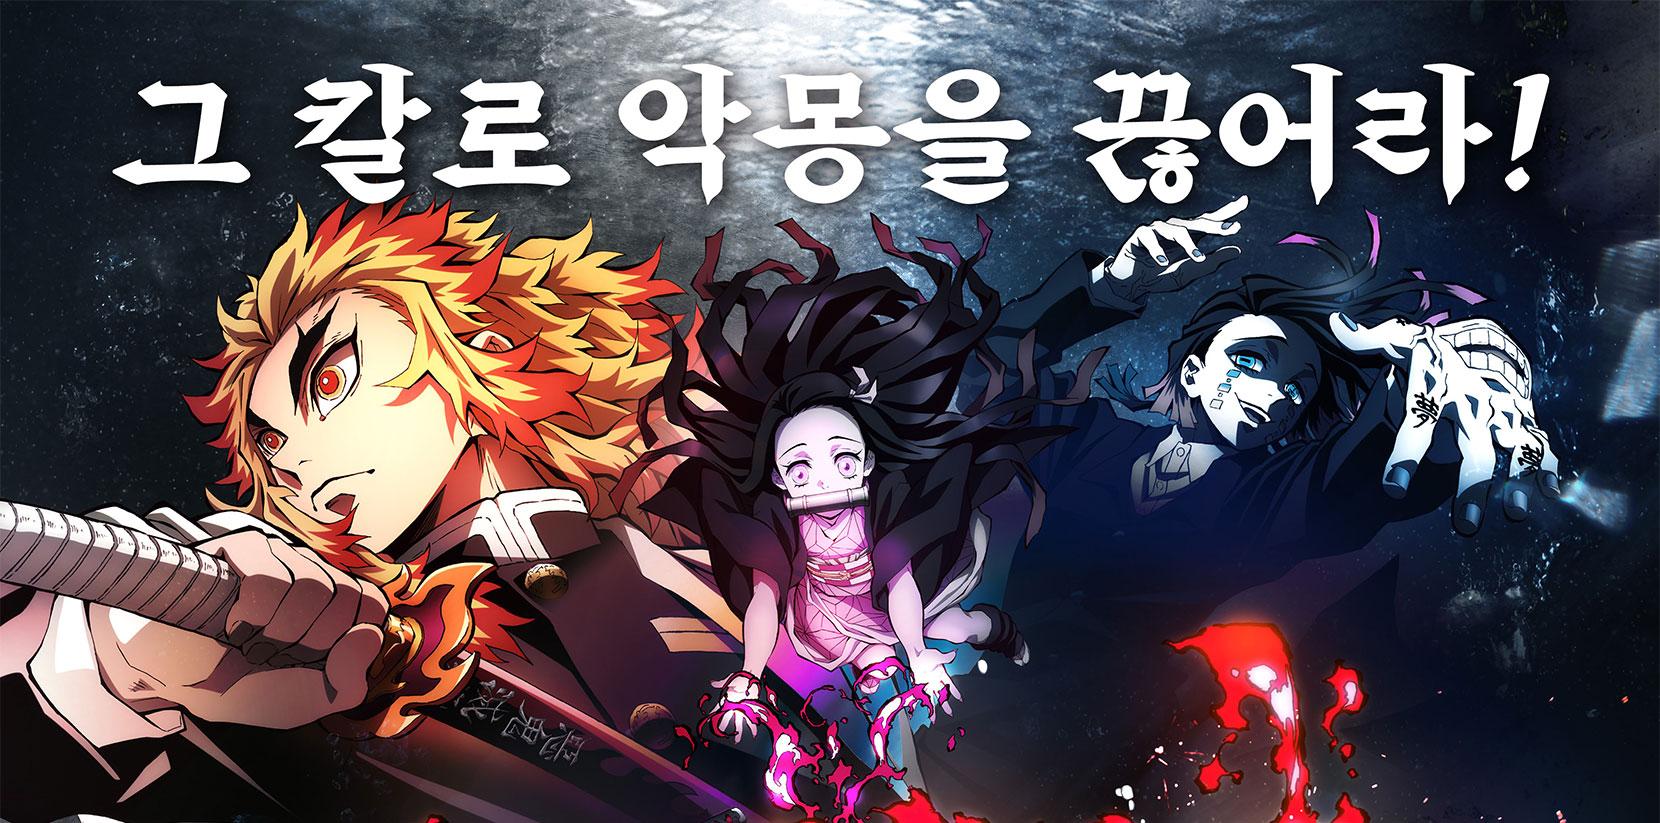 ば い 映画 つの や きめ 韓国